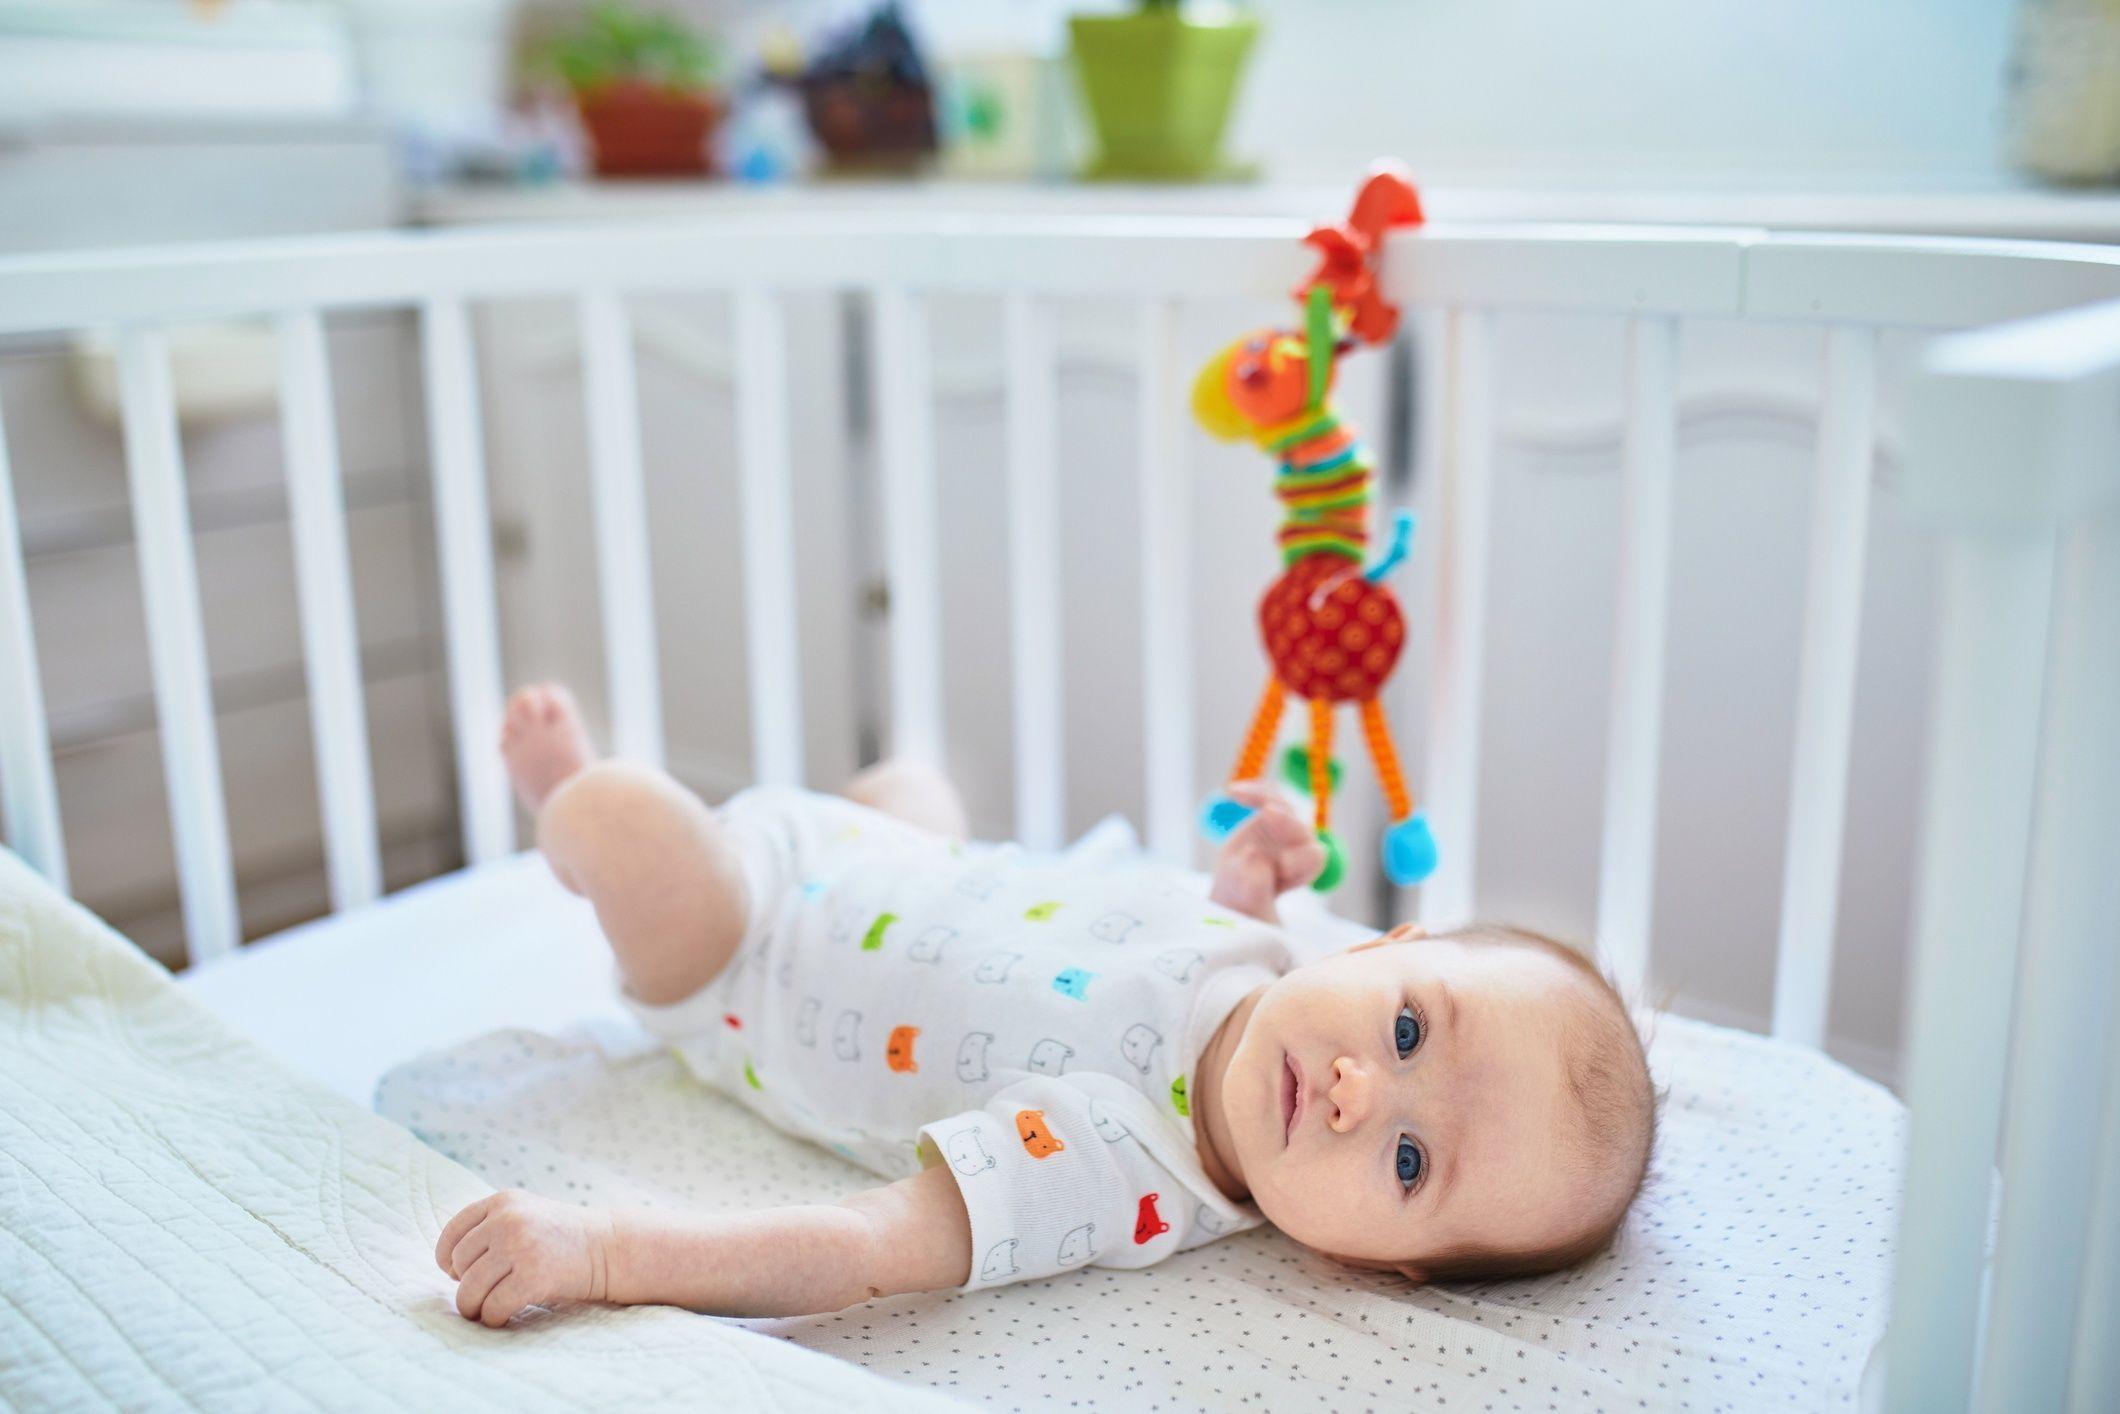 Quels Jeux Et Jouets D'éveil Pour Bébé ? - Doctissimo concernant Jeux D Eveil Bébé 2 Mois